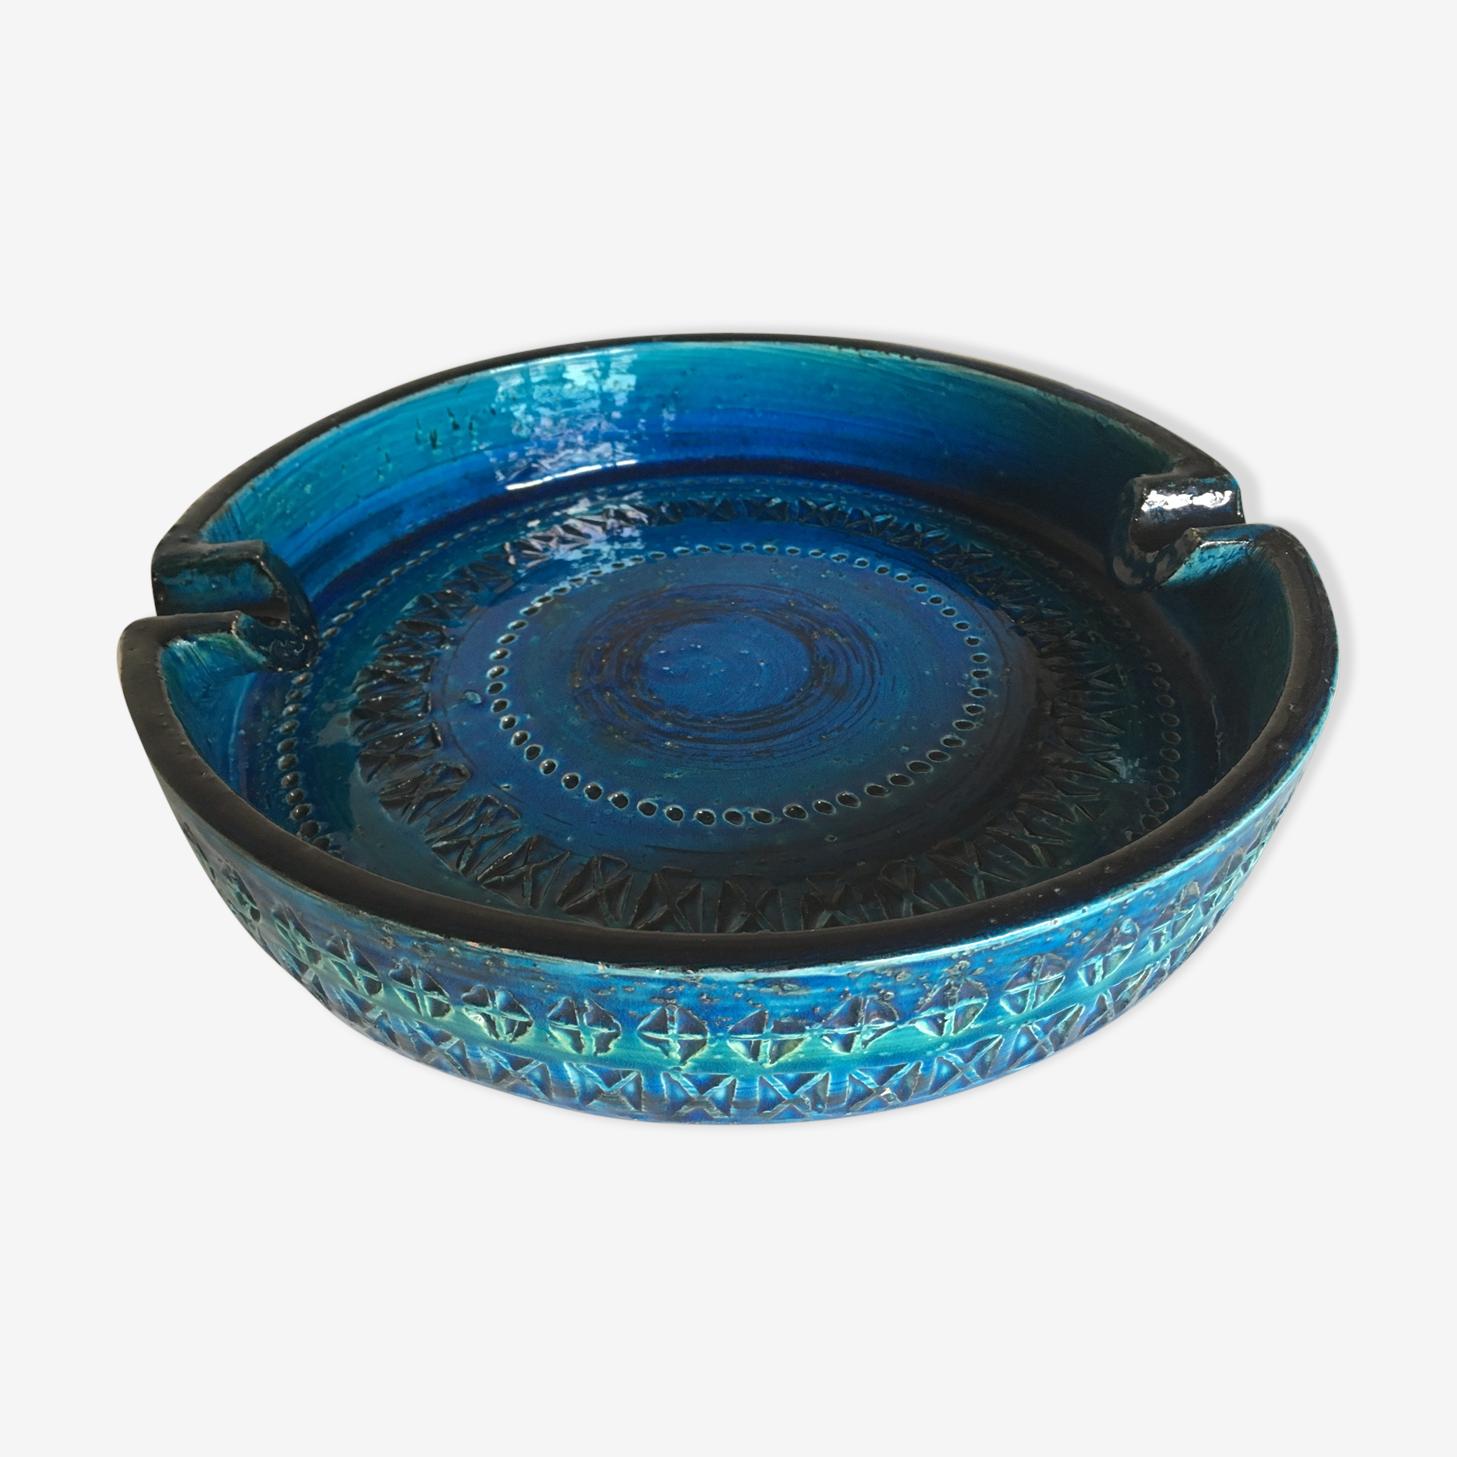 Céramique Bitossi Rimini Blu par Aldo Londi années 60